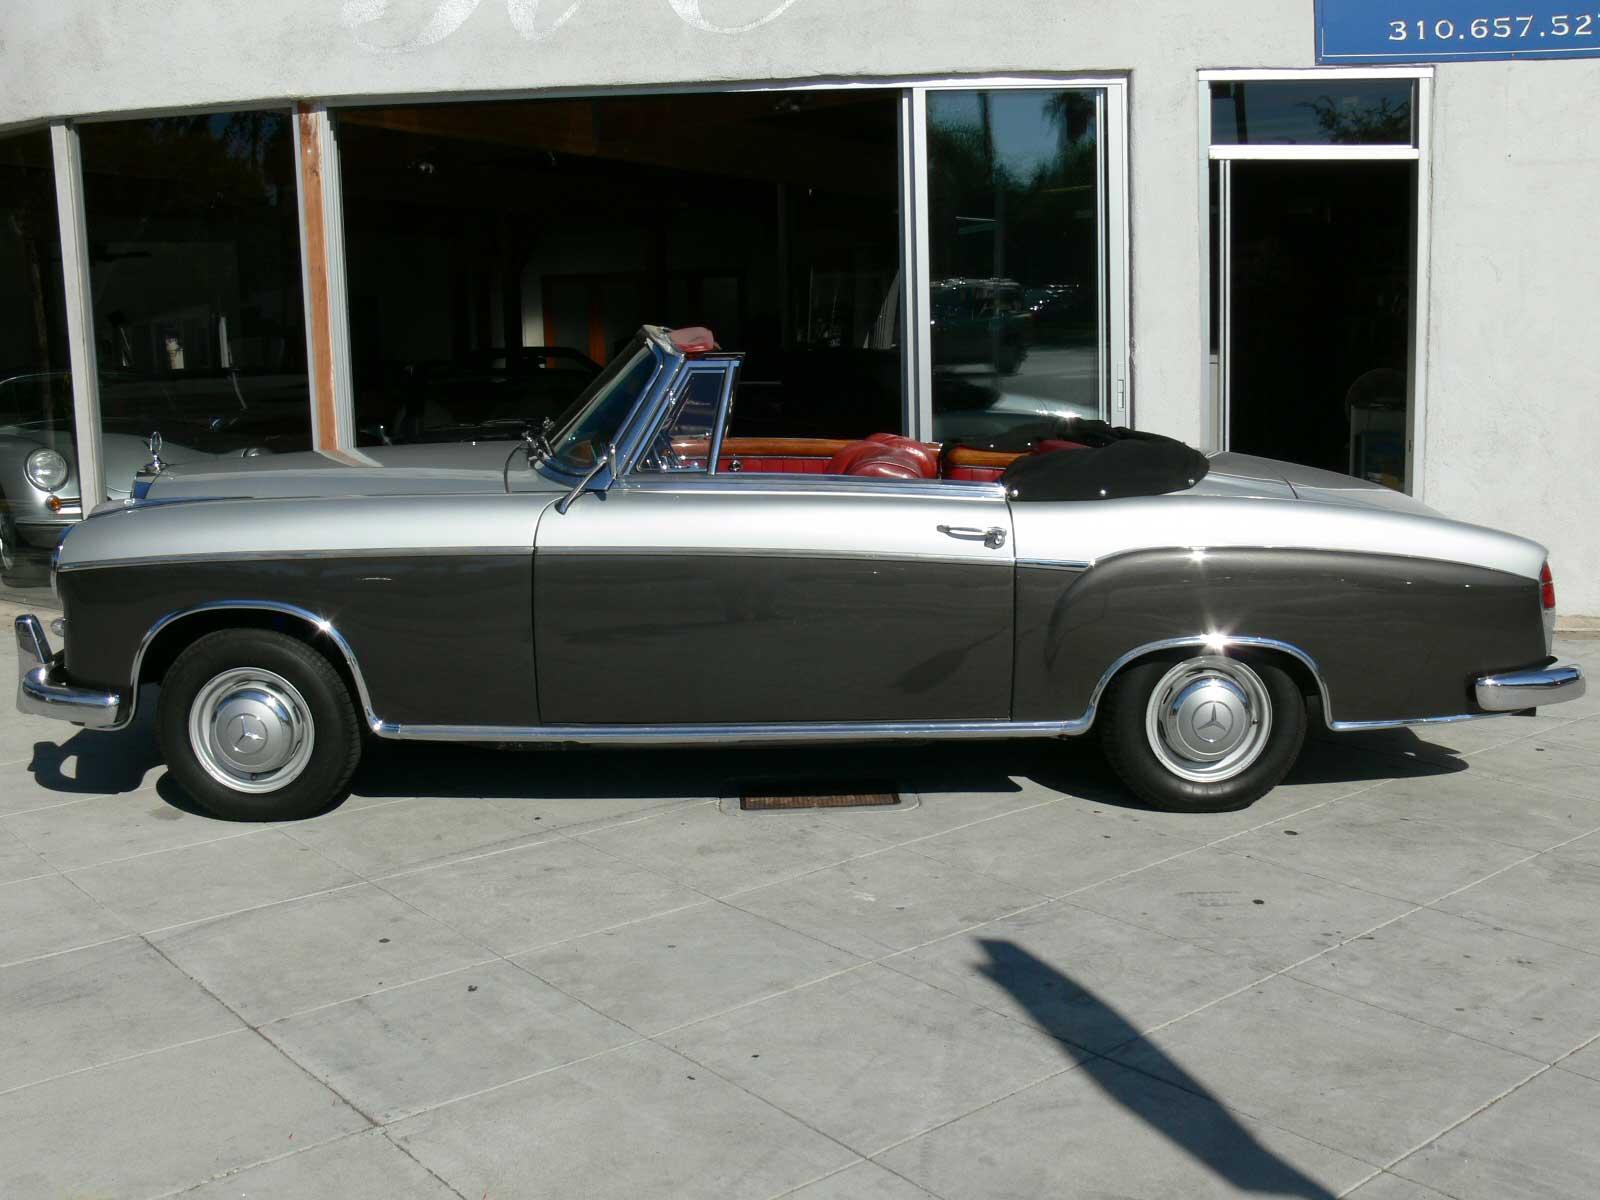 Mercedes-Benz 220 SE Cabriolet 1959